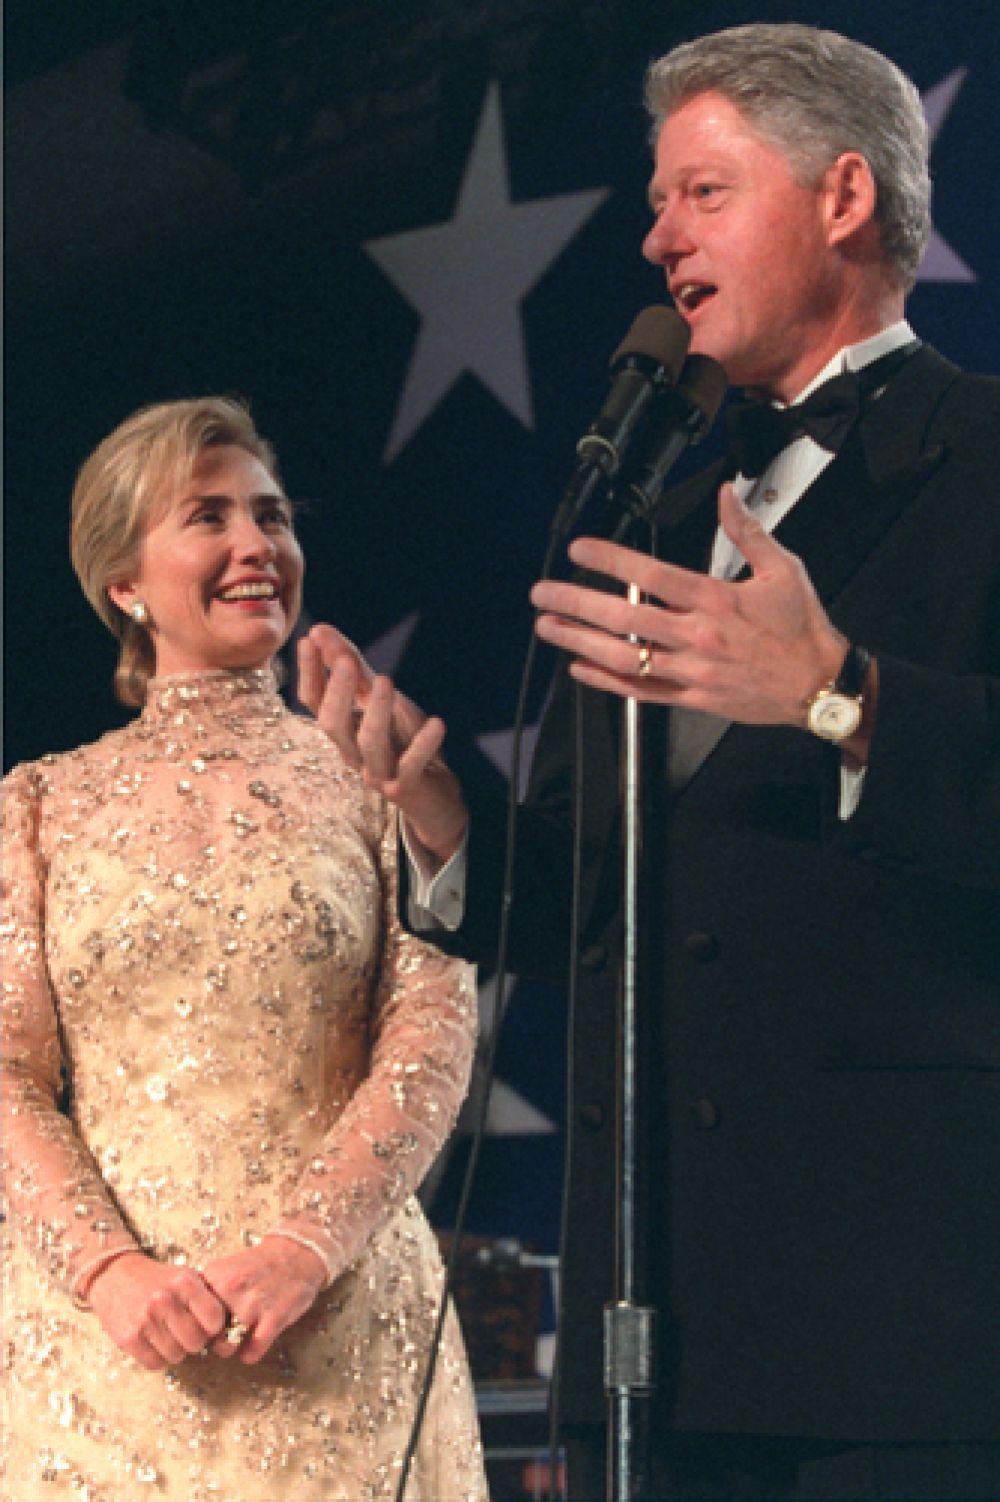 Жена Билла Клинтона, кандидат в президенты США в 2008, уже много лет является поклонницей де ла Ренты и вплоть до самой его смерти оставалась близкой подругой модельера. Хиллари Клинтон на второй церемонии инаугурации президента США Билла Клинтона, 1997 год.